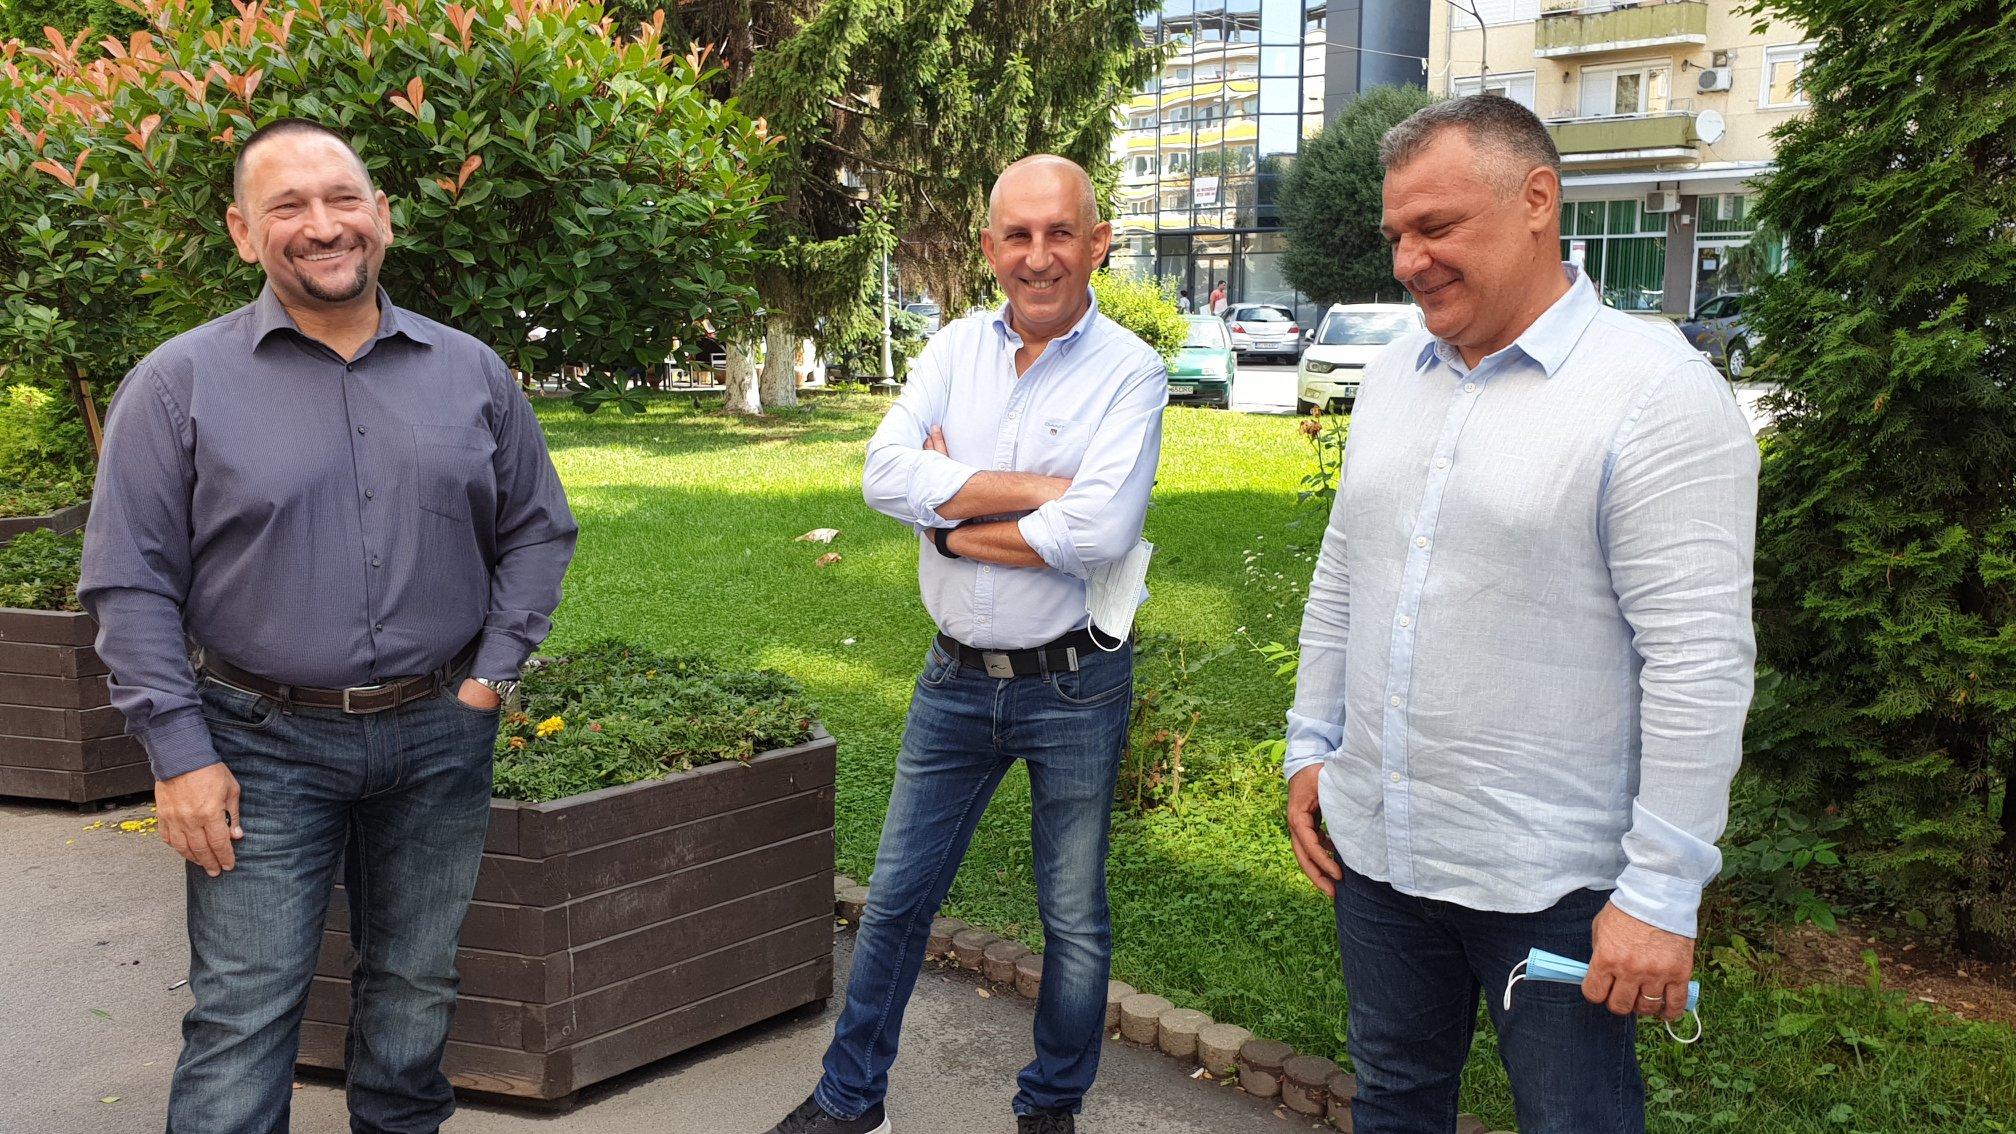 Forţe noi în PNL Deva. Comisarul Traian Berbeceanu şi medicul Marius Blendea au intrat în rândul liberalilor